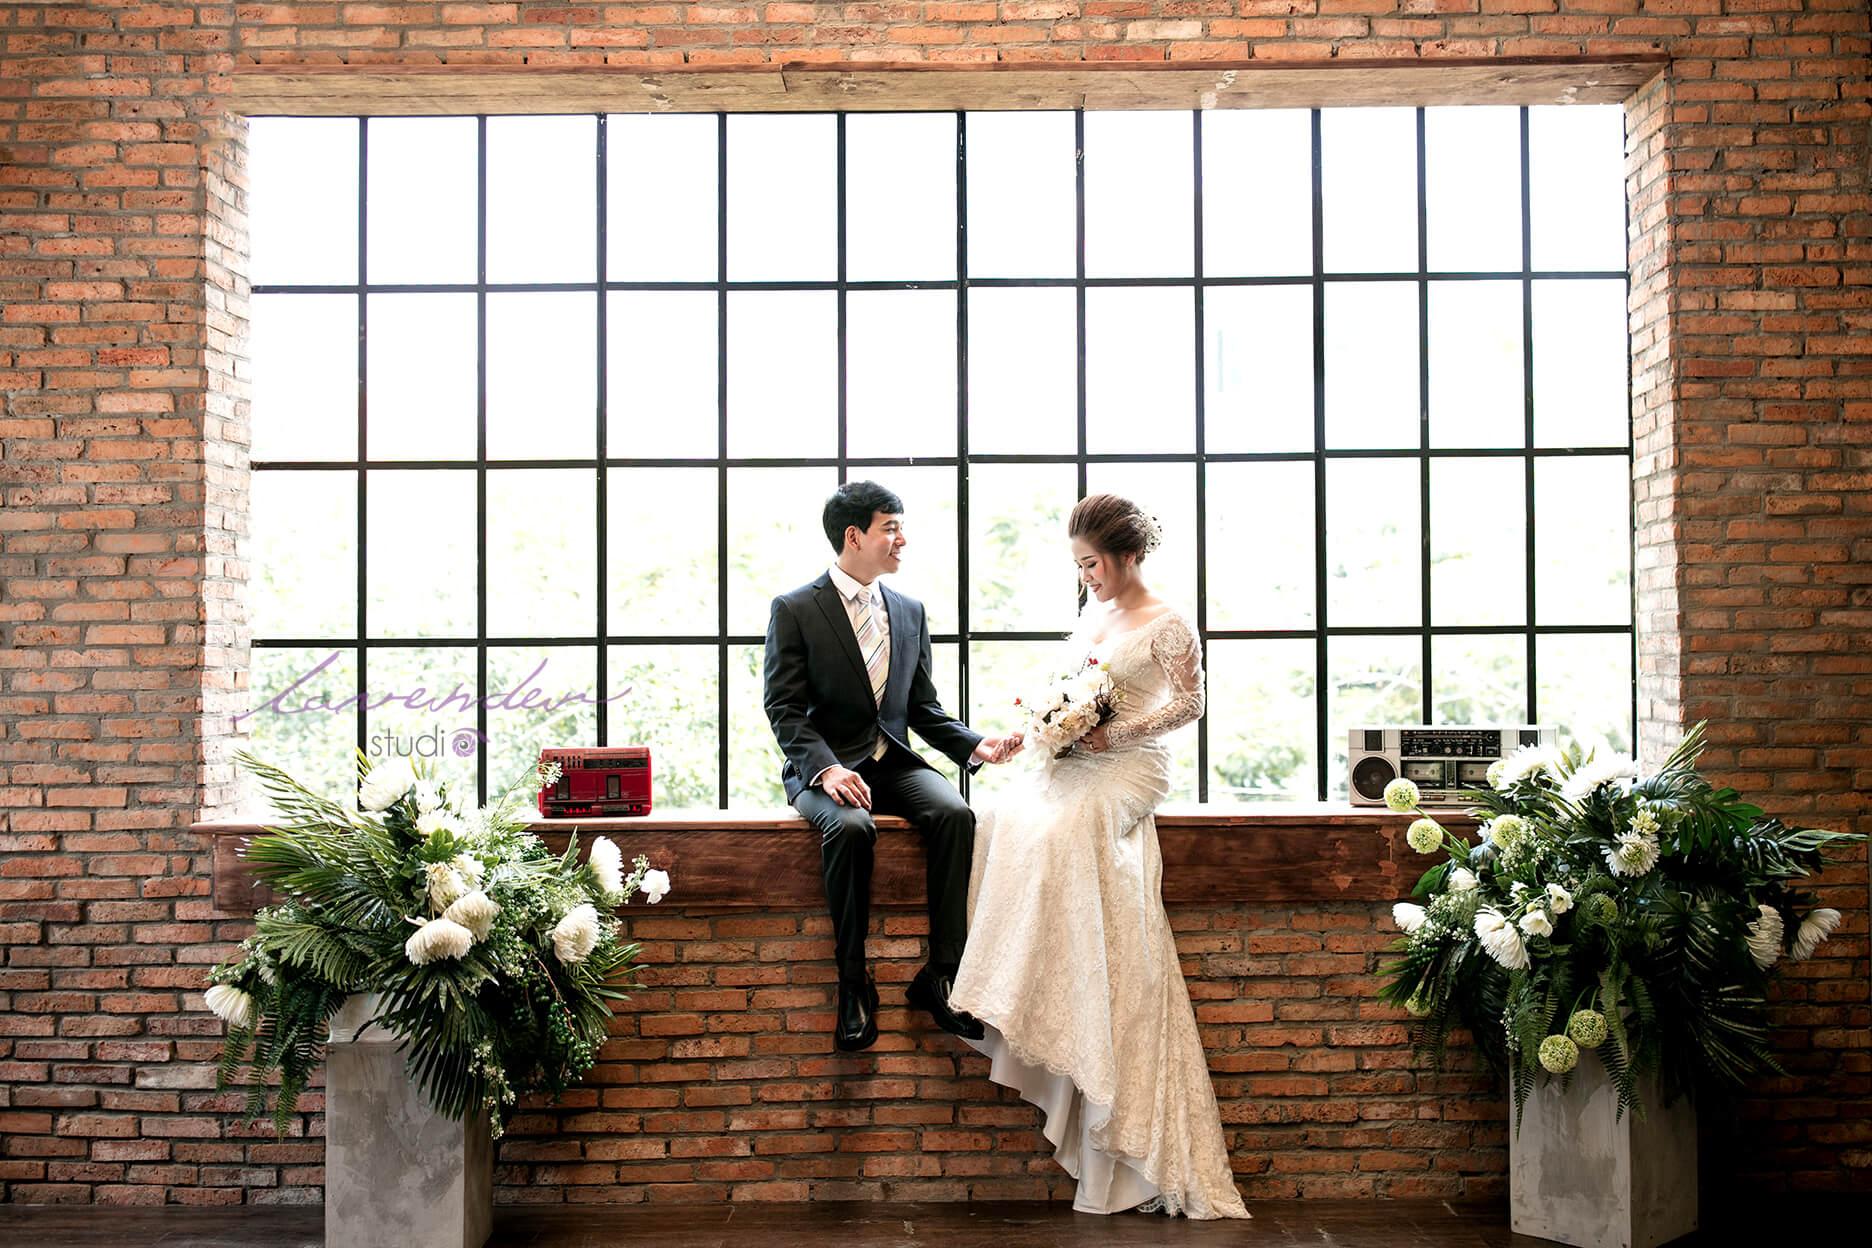 studio chụp hình cưới giá rẻ và đẹp TPHCM